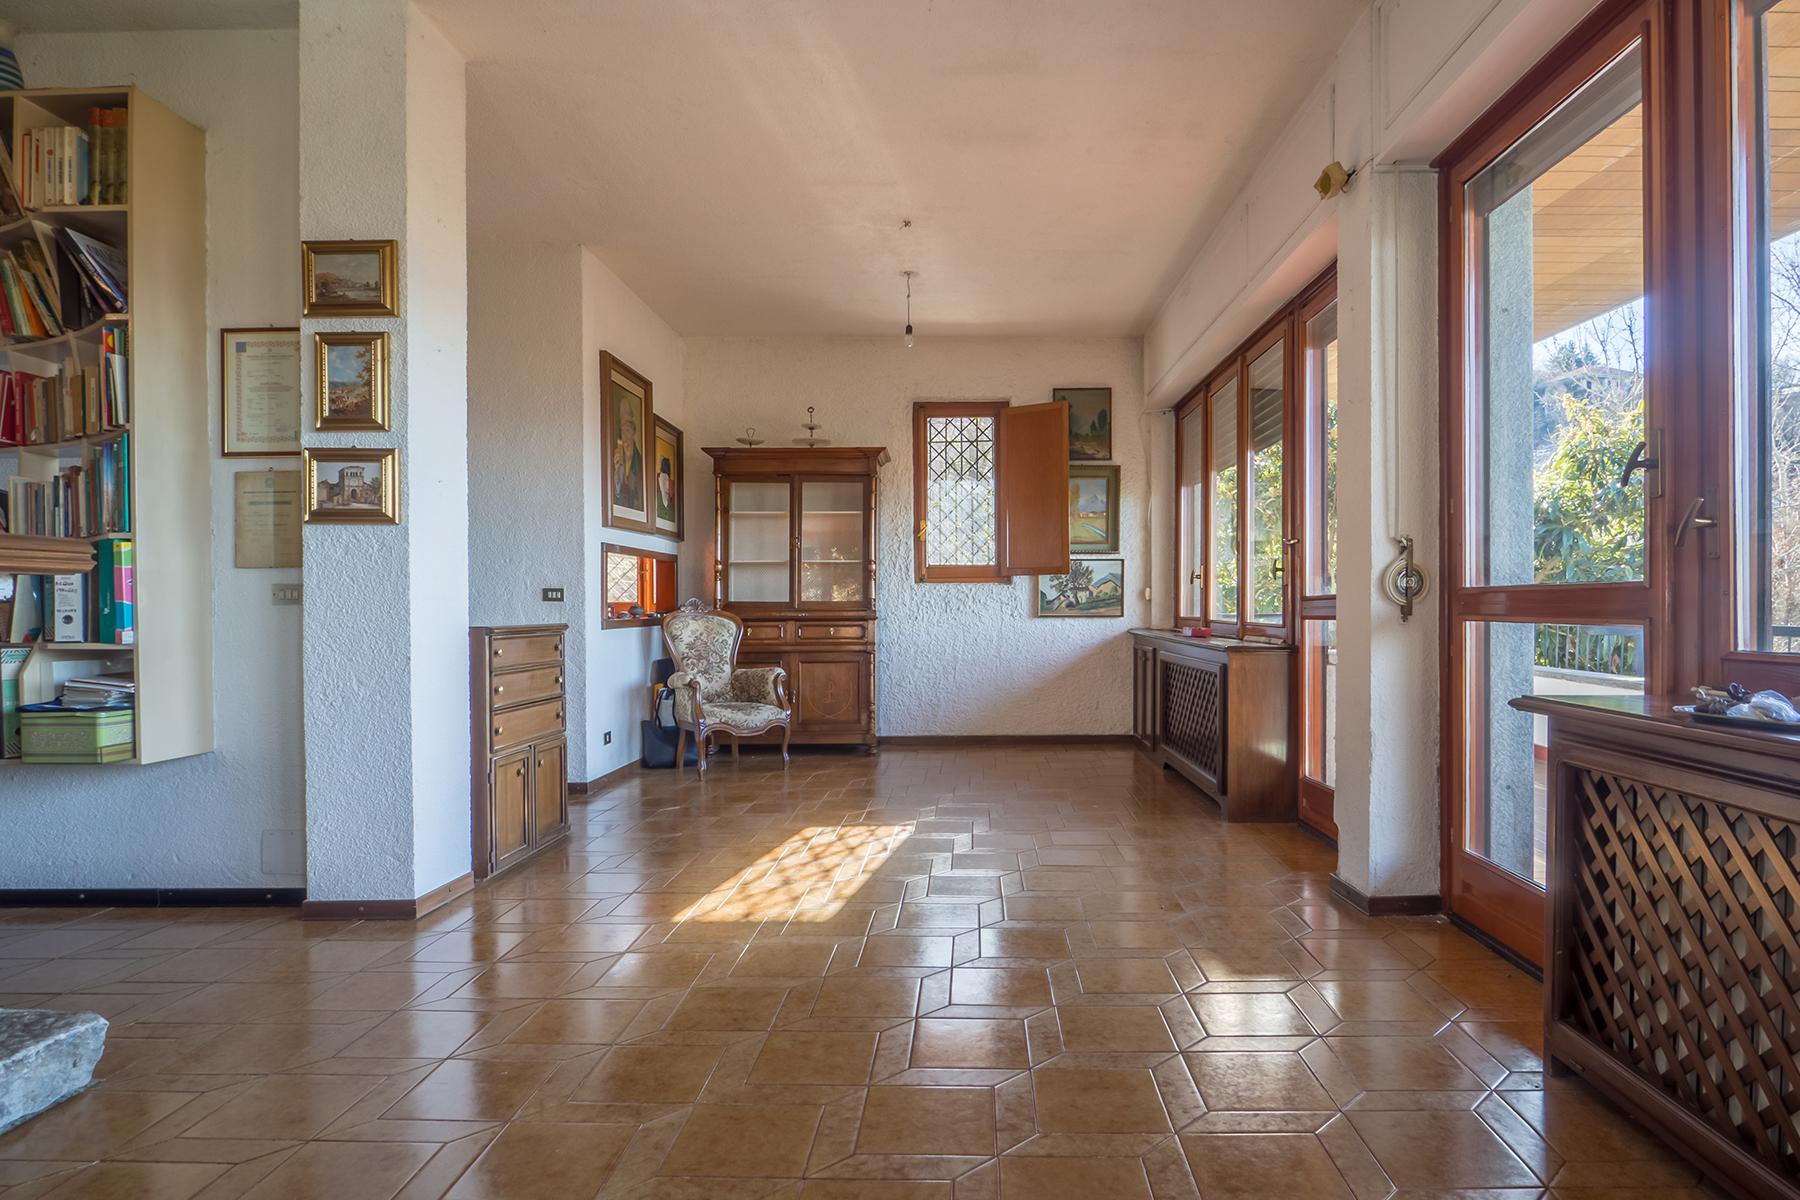 Casa indipendente in Vendita a Moncalieri: 5 locali, 310 mq - Foto 4